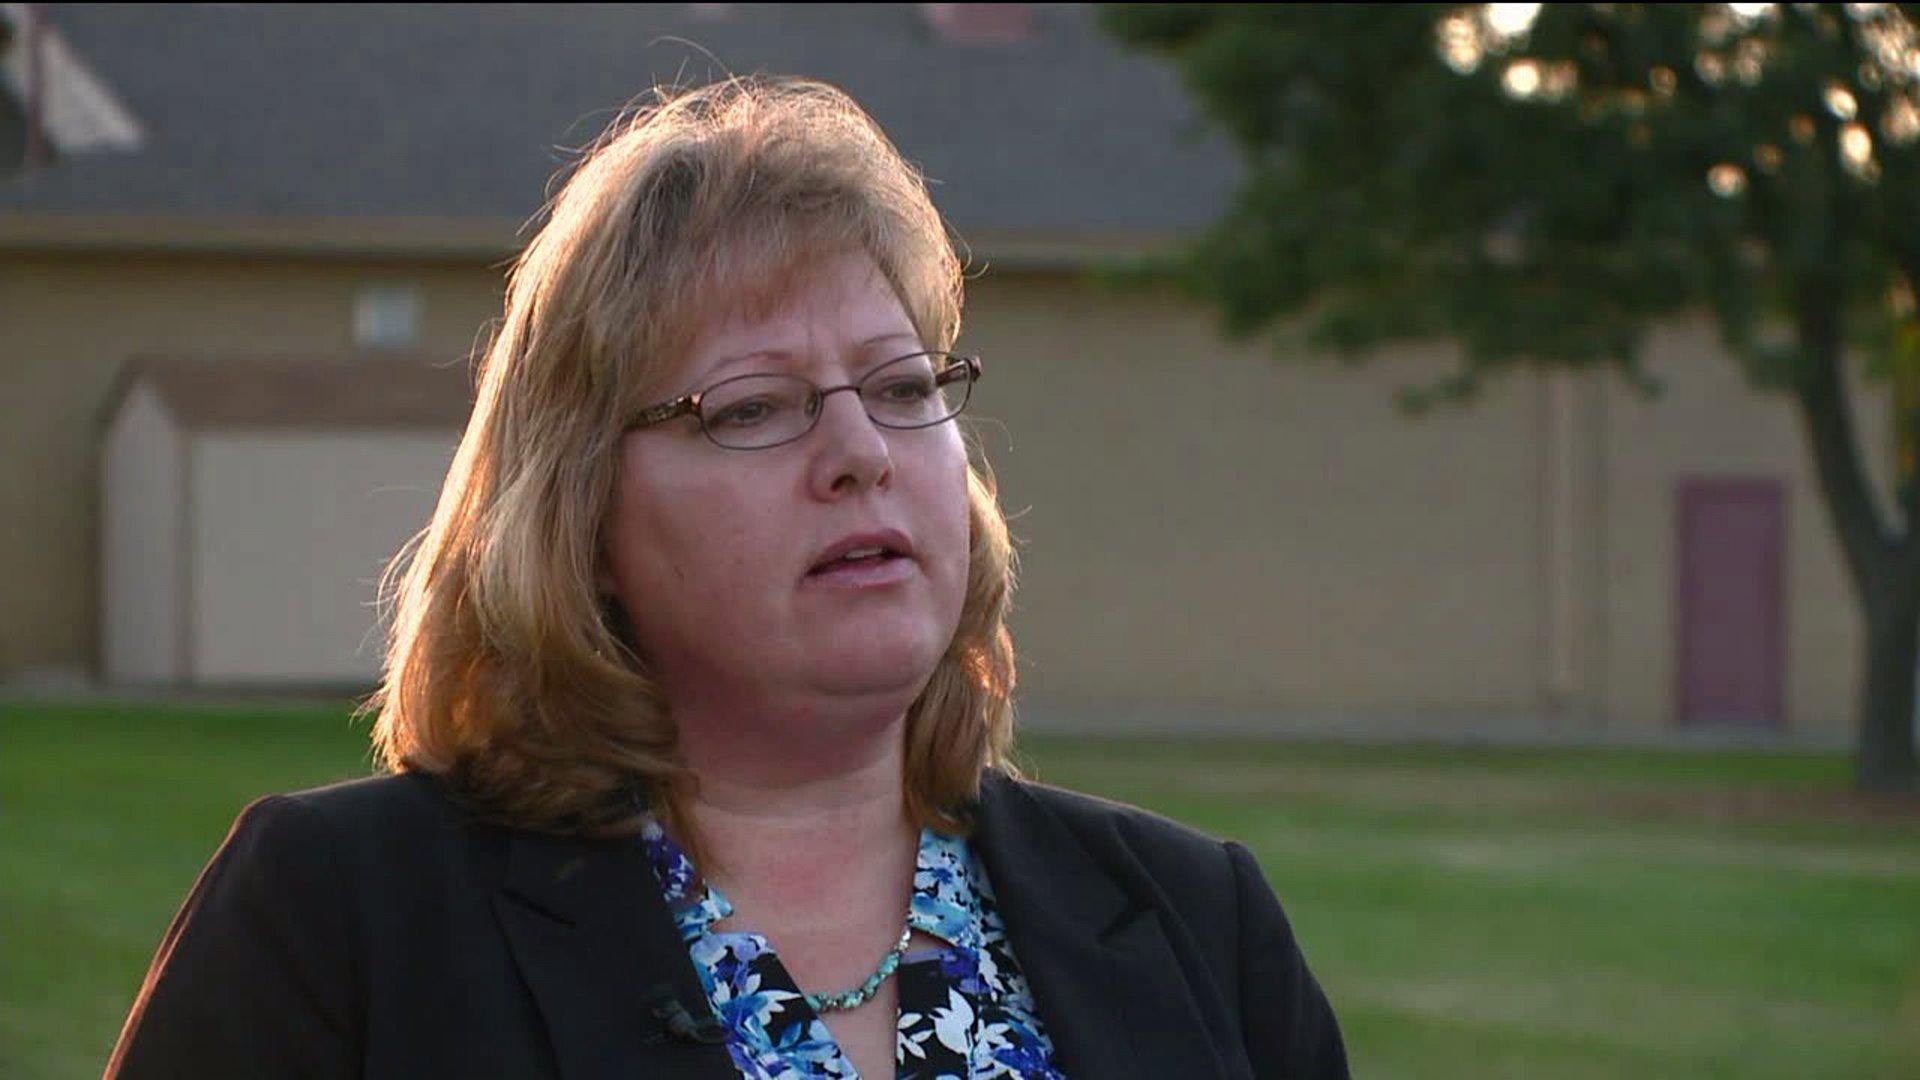 Jefferson County School Board member Julie Williams